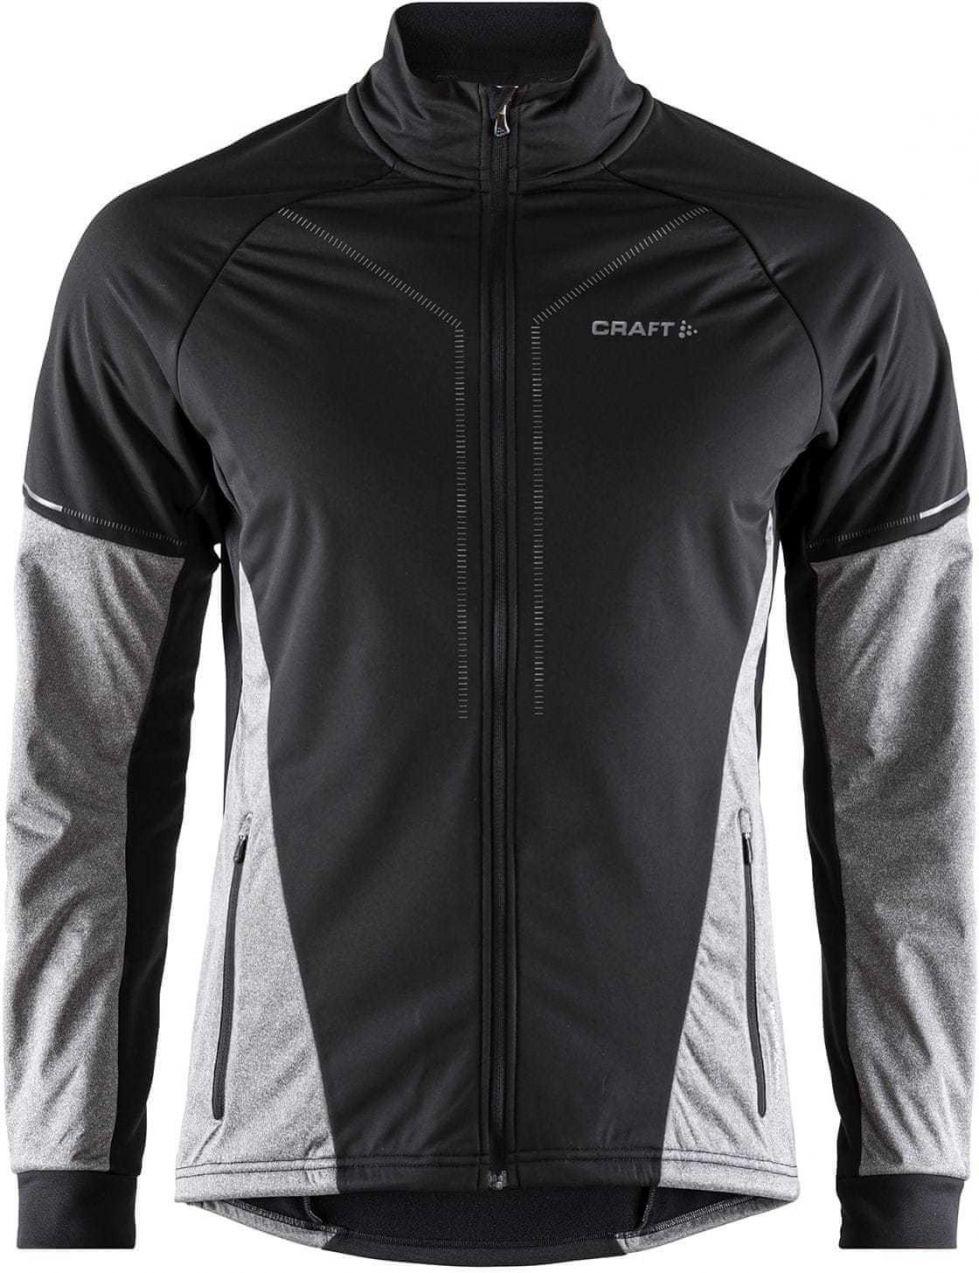 Craft Pánska zateplená bunda čierna značky Craft - Lovely.sk 37c5944ccee